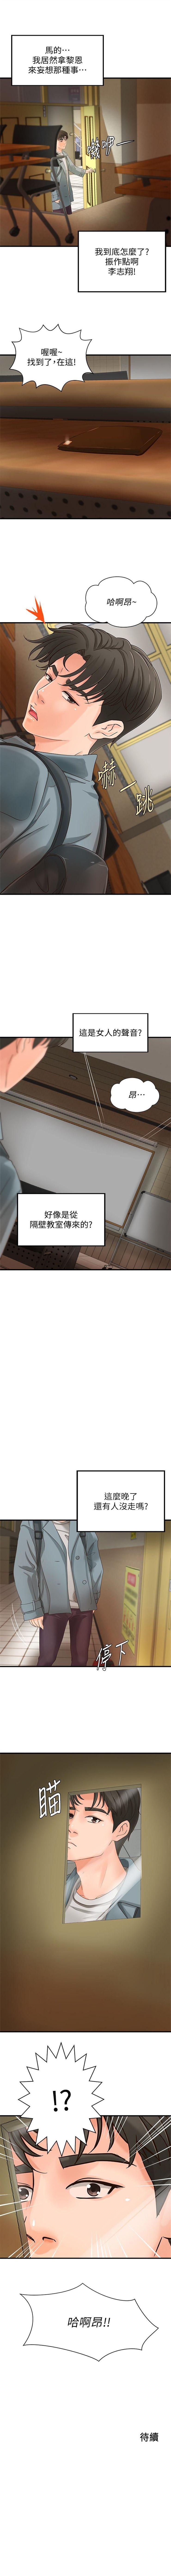 御姐的實戰教學 1-24 官方中文(連載中) 113